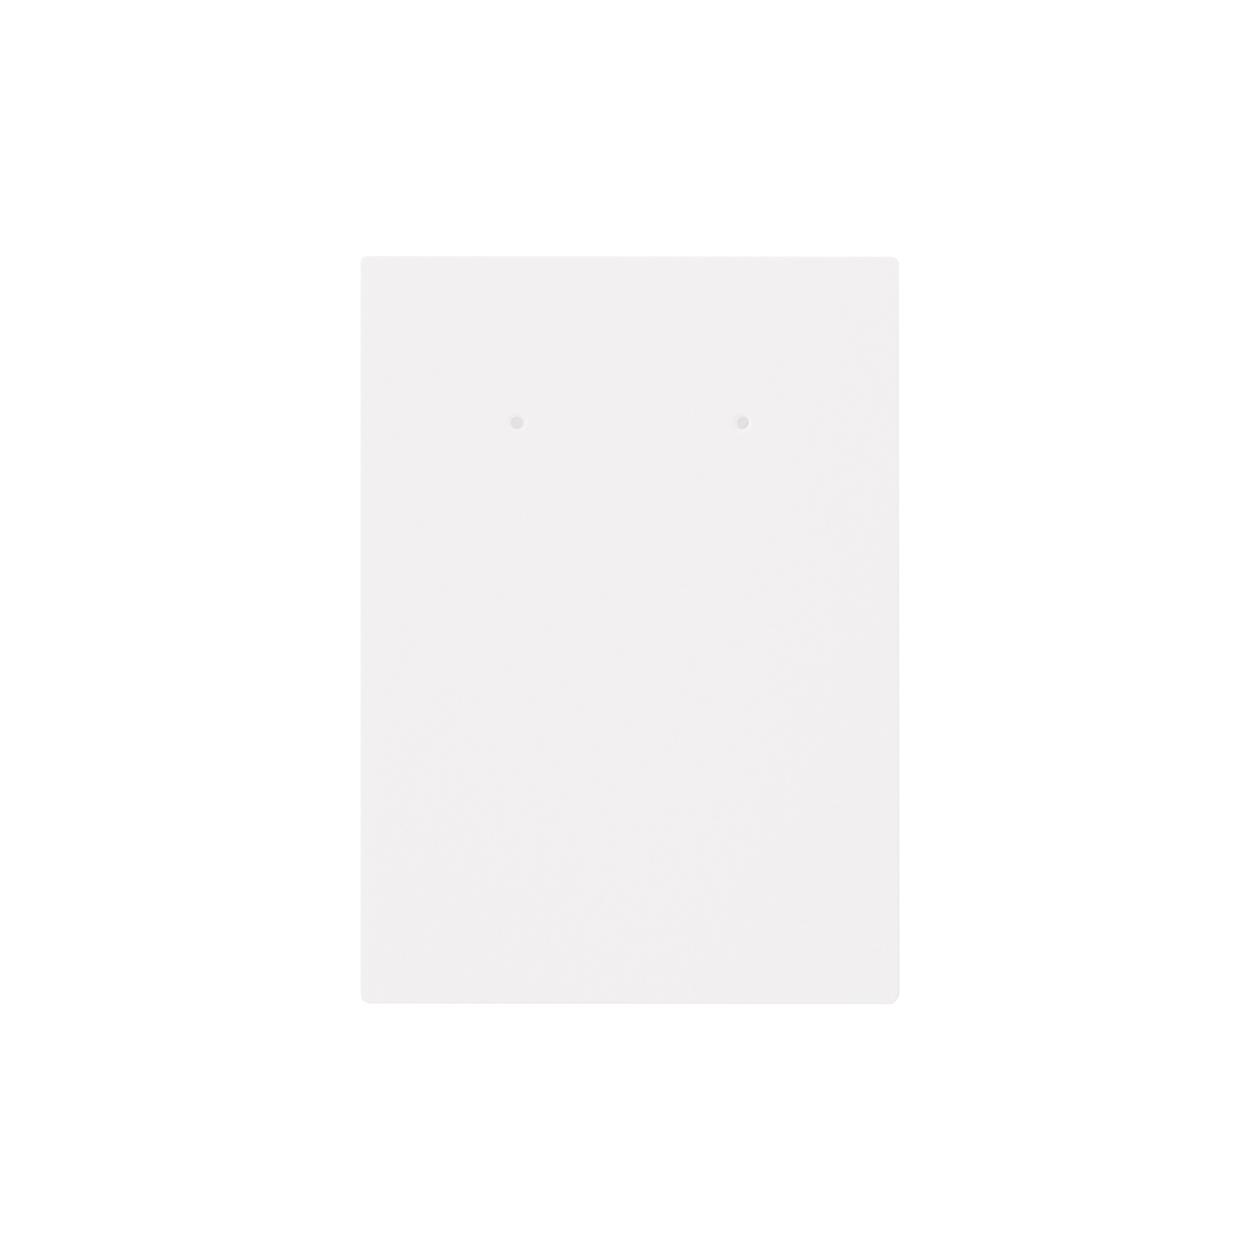 ピアス台紙 65×90上20mm コットンスノーホワイト 348.8g